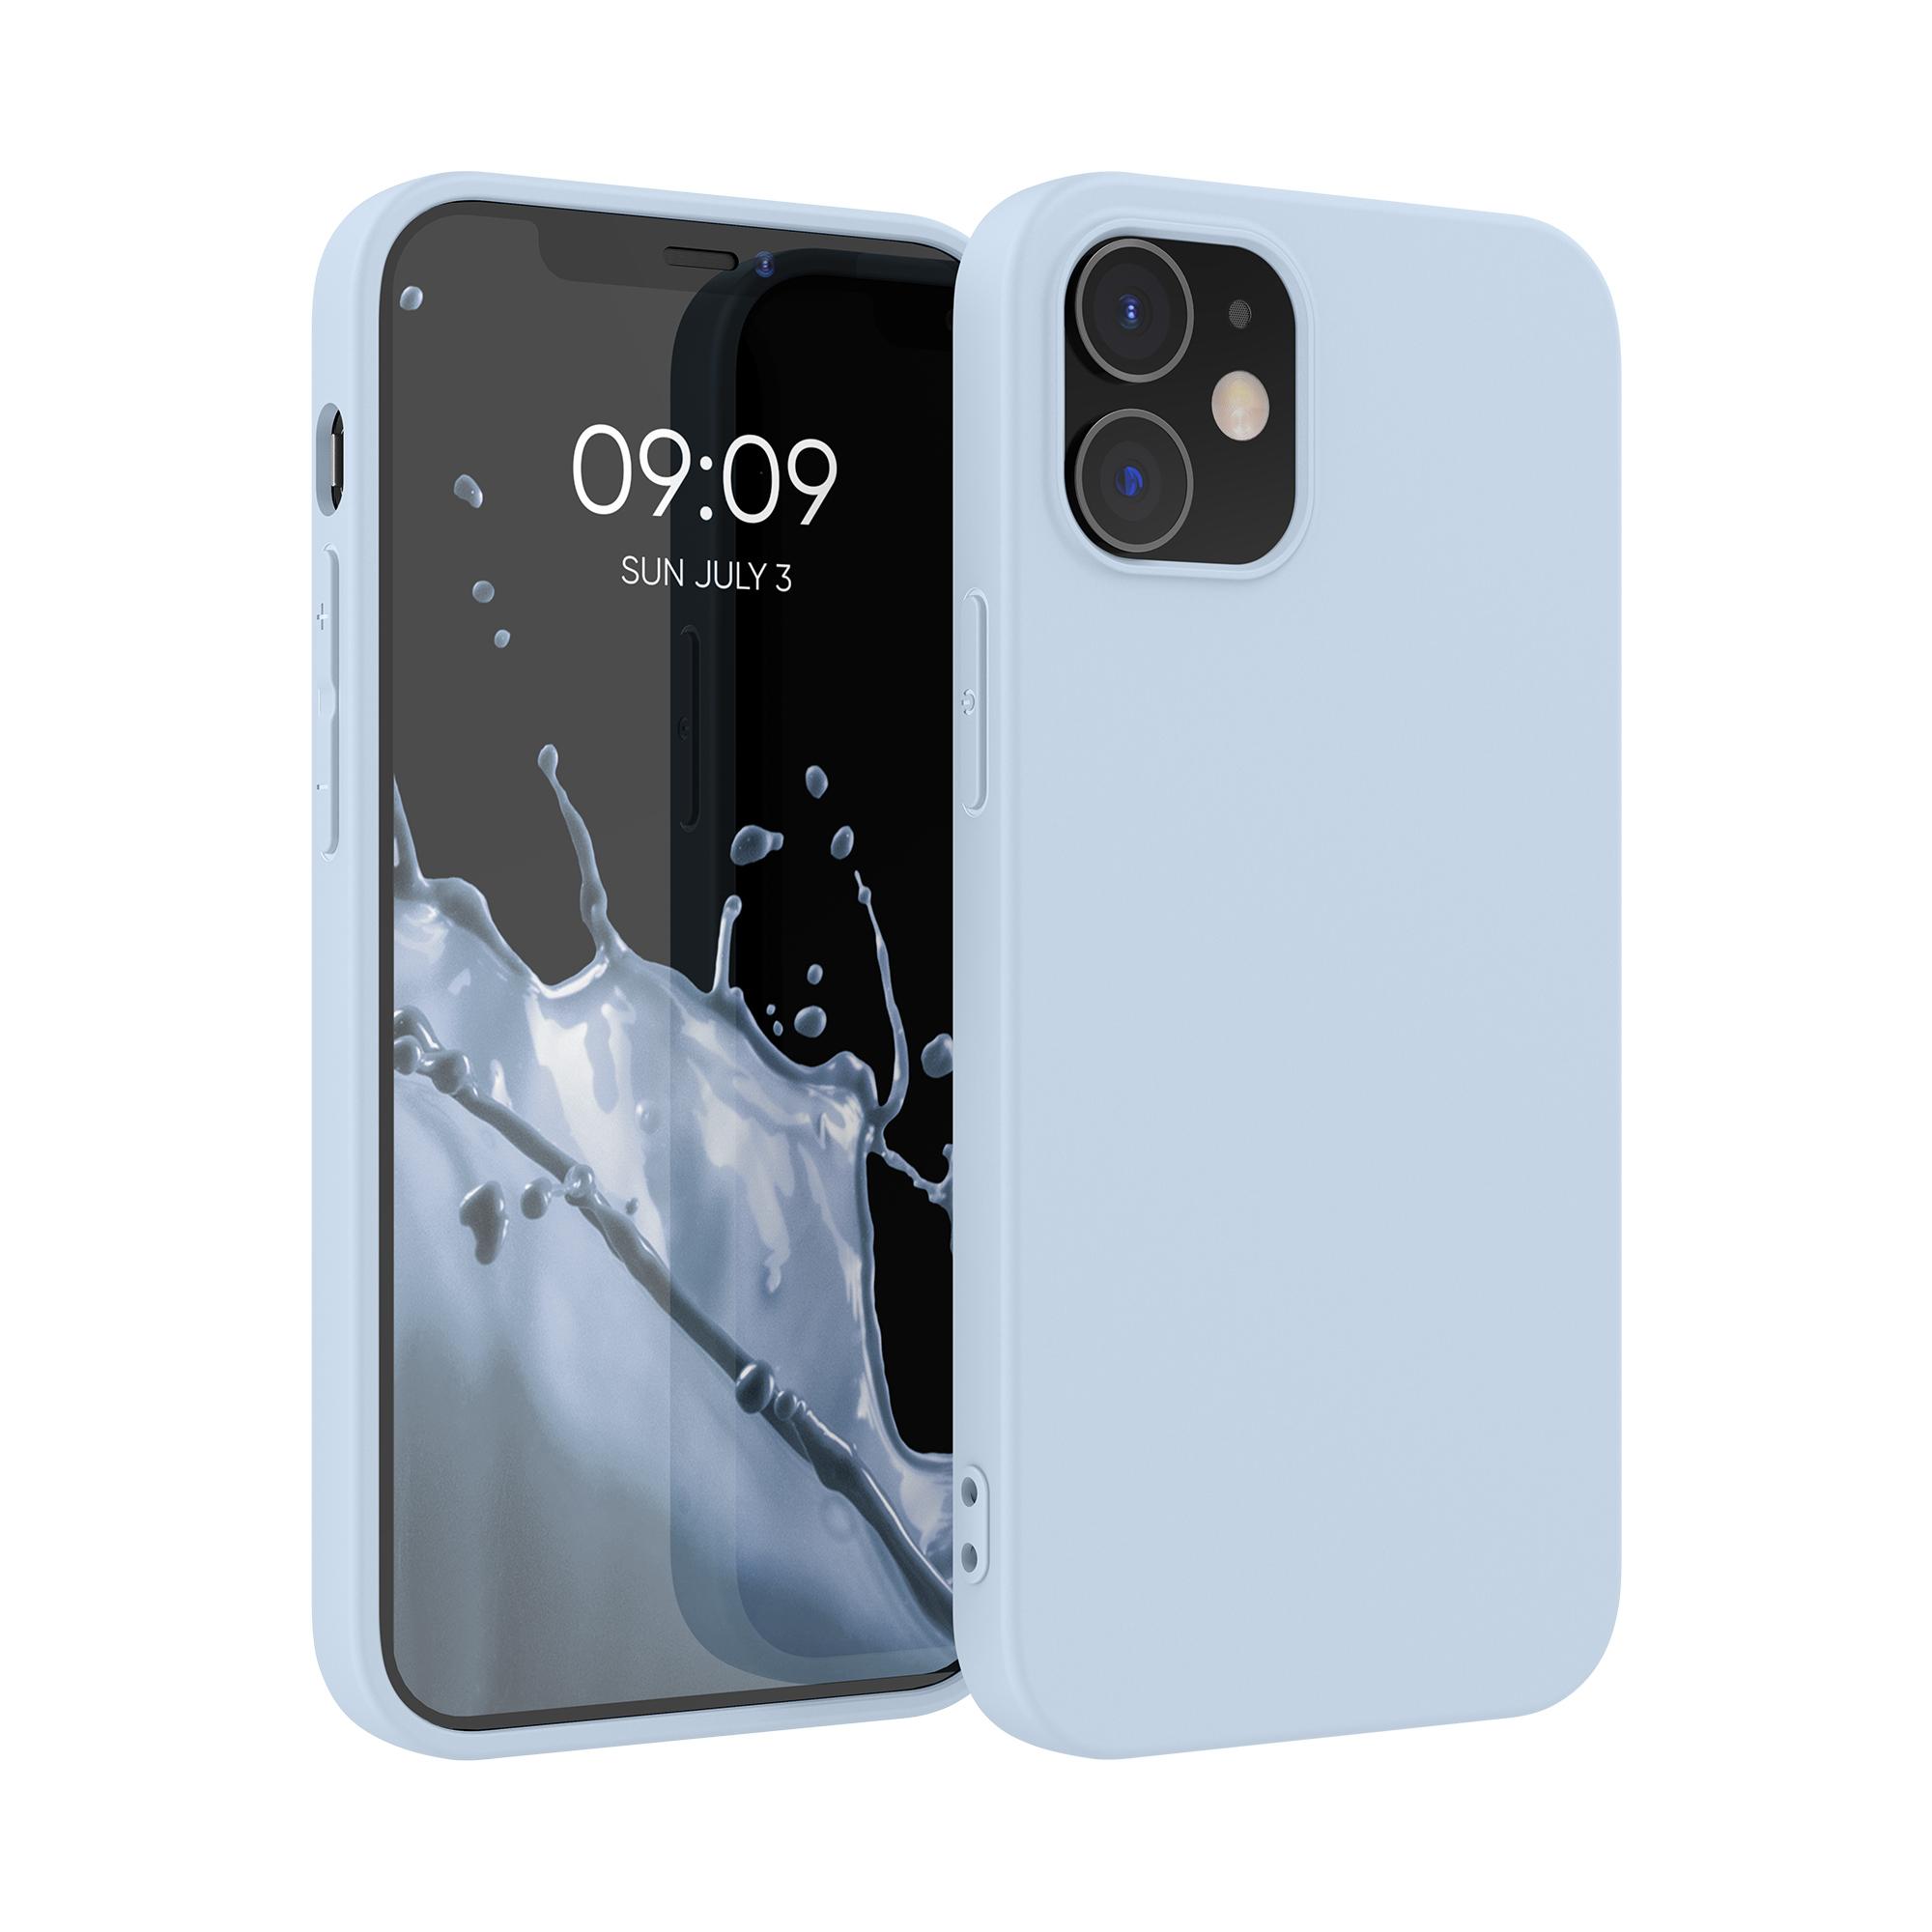 Kvalitní silikonové TPU pouzdro pro Apple iPhone 12 / 12 Pro - Light Blue Matte